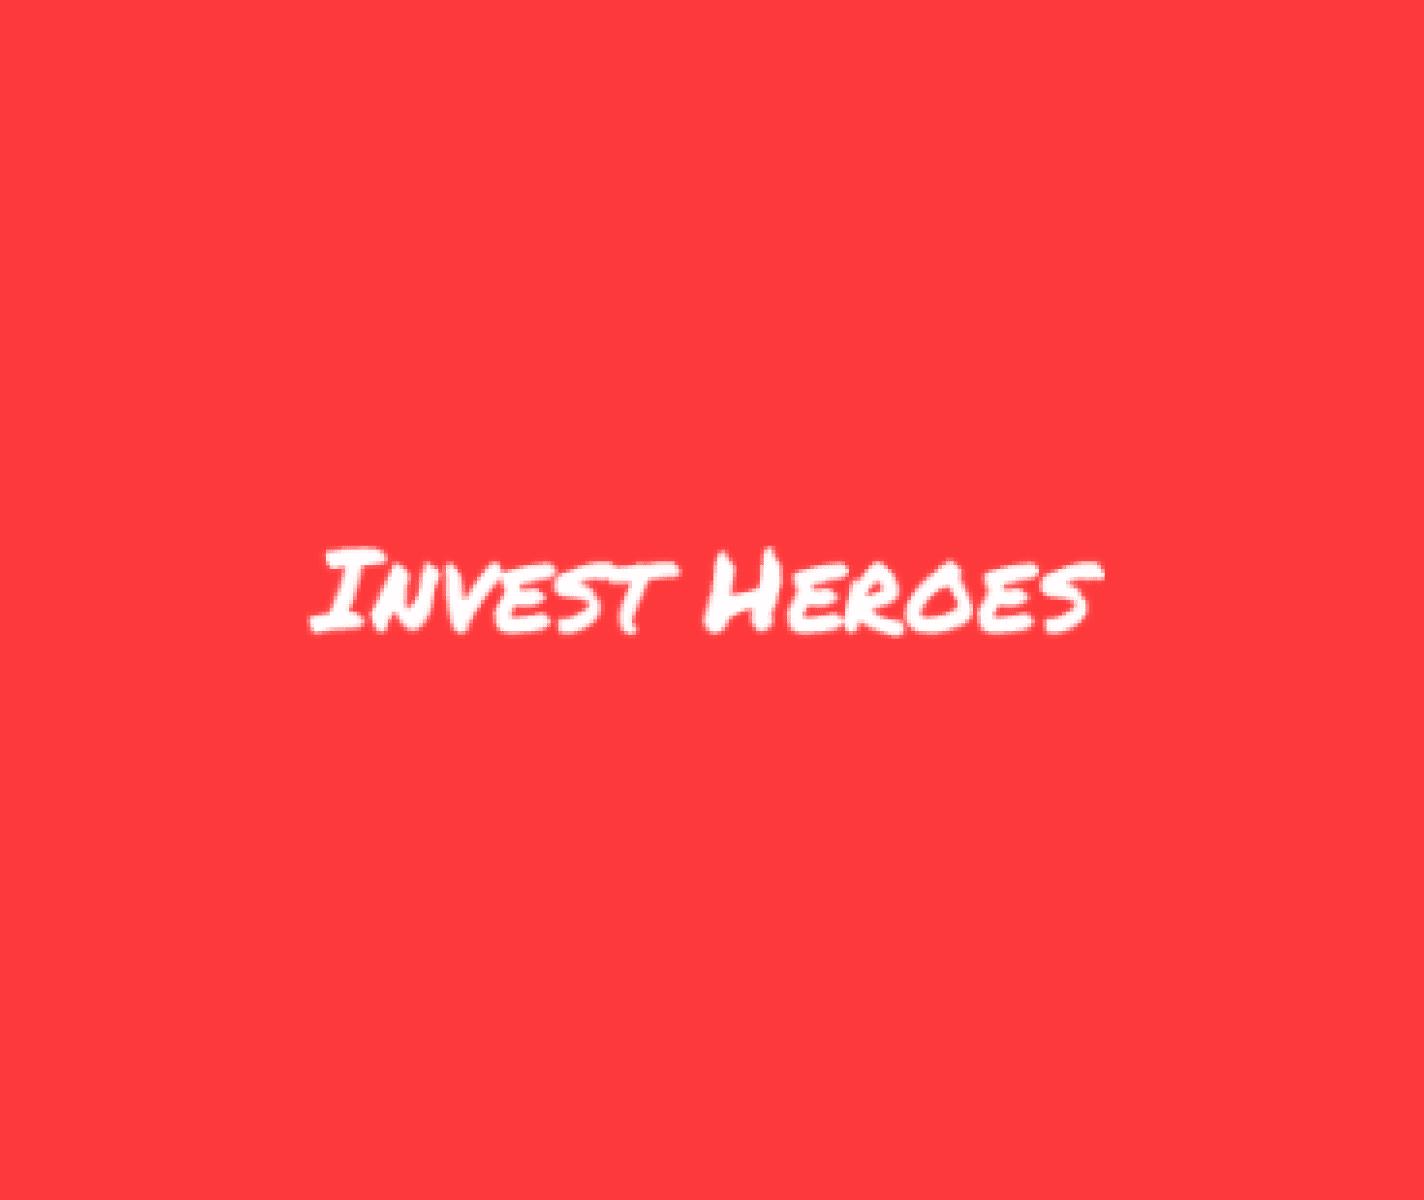 Инвест герои